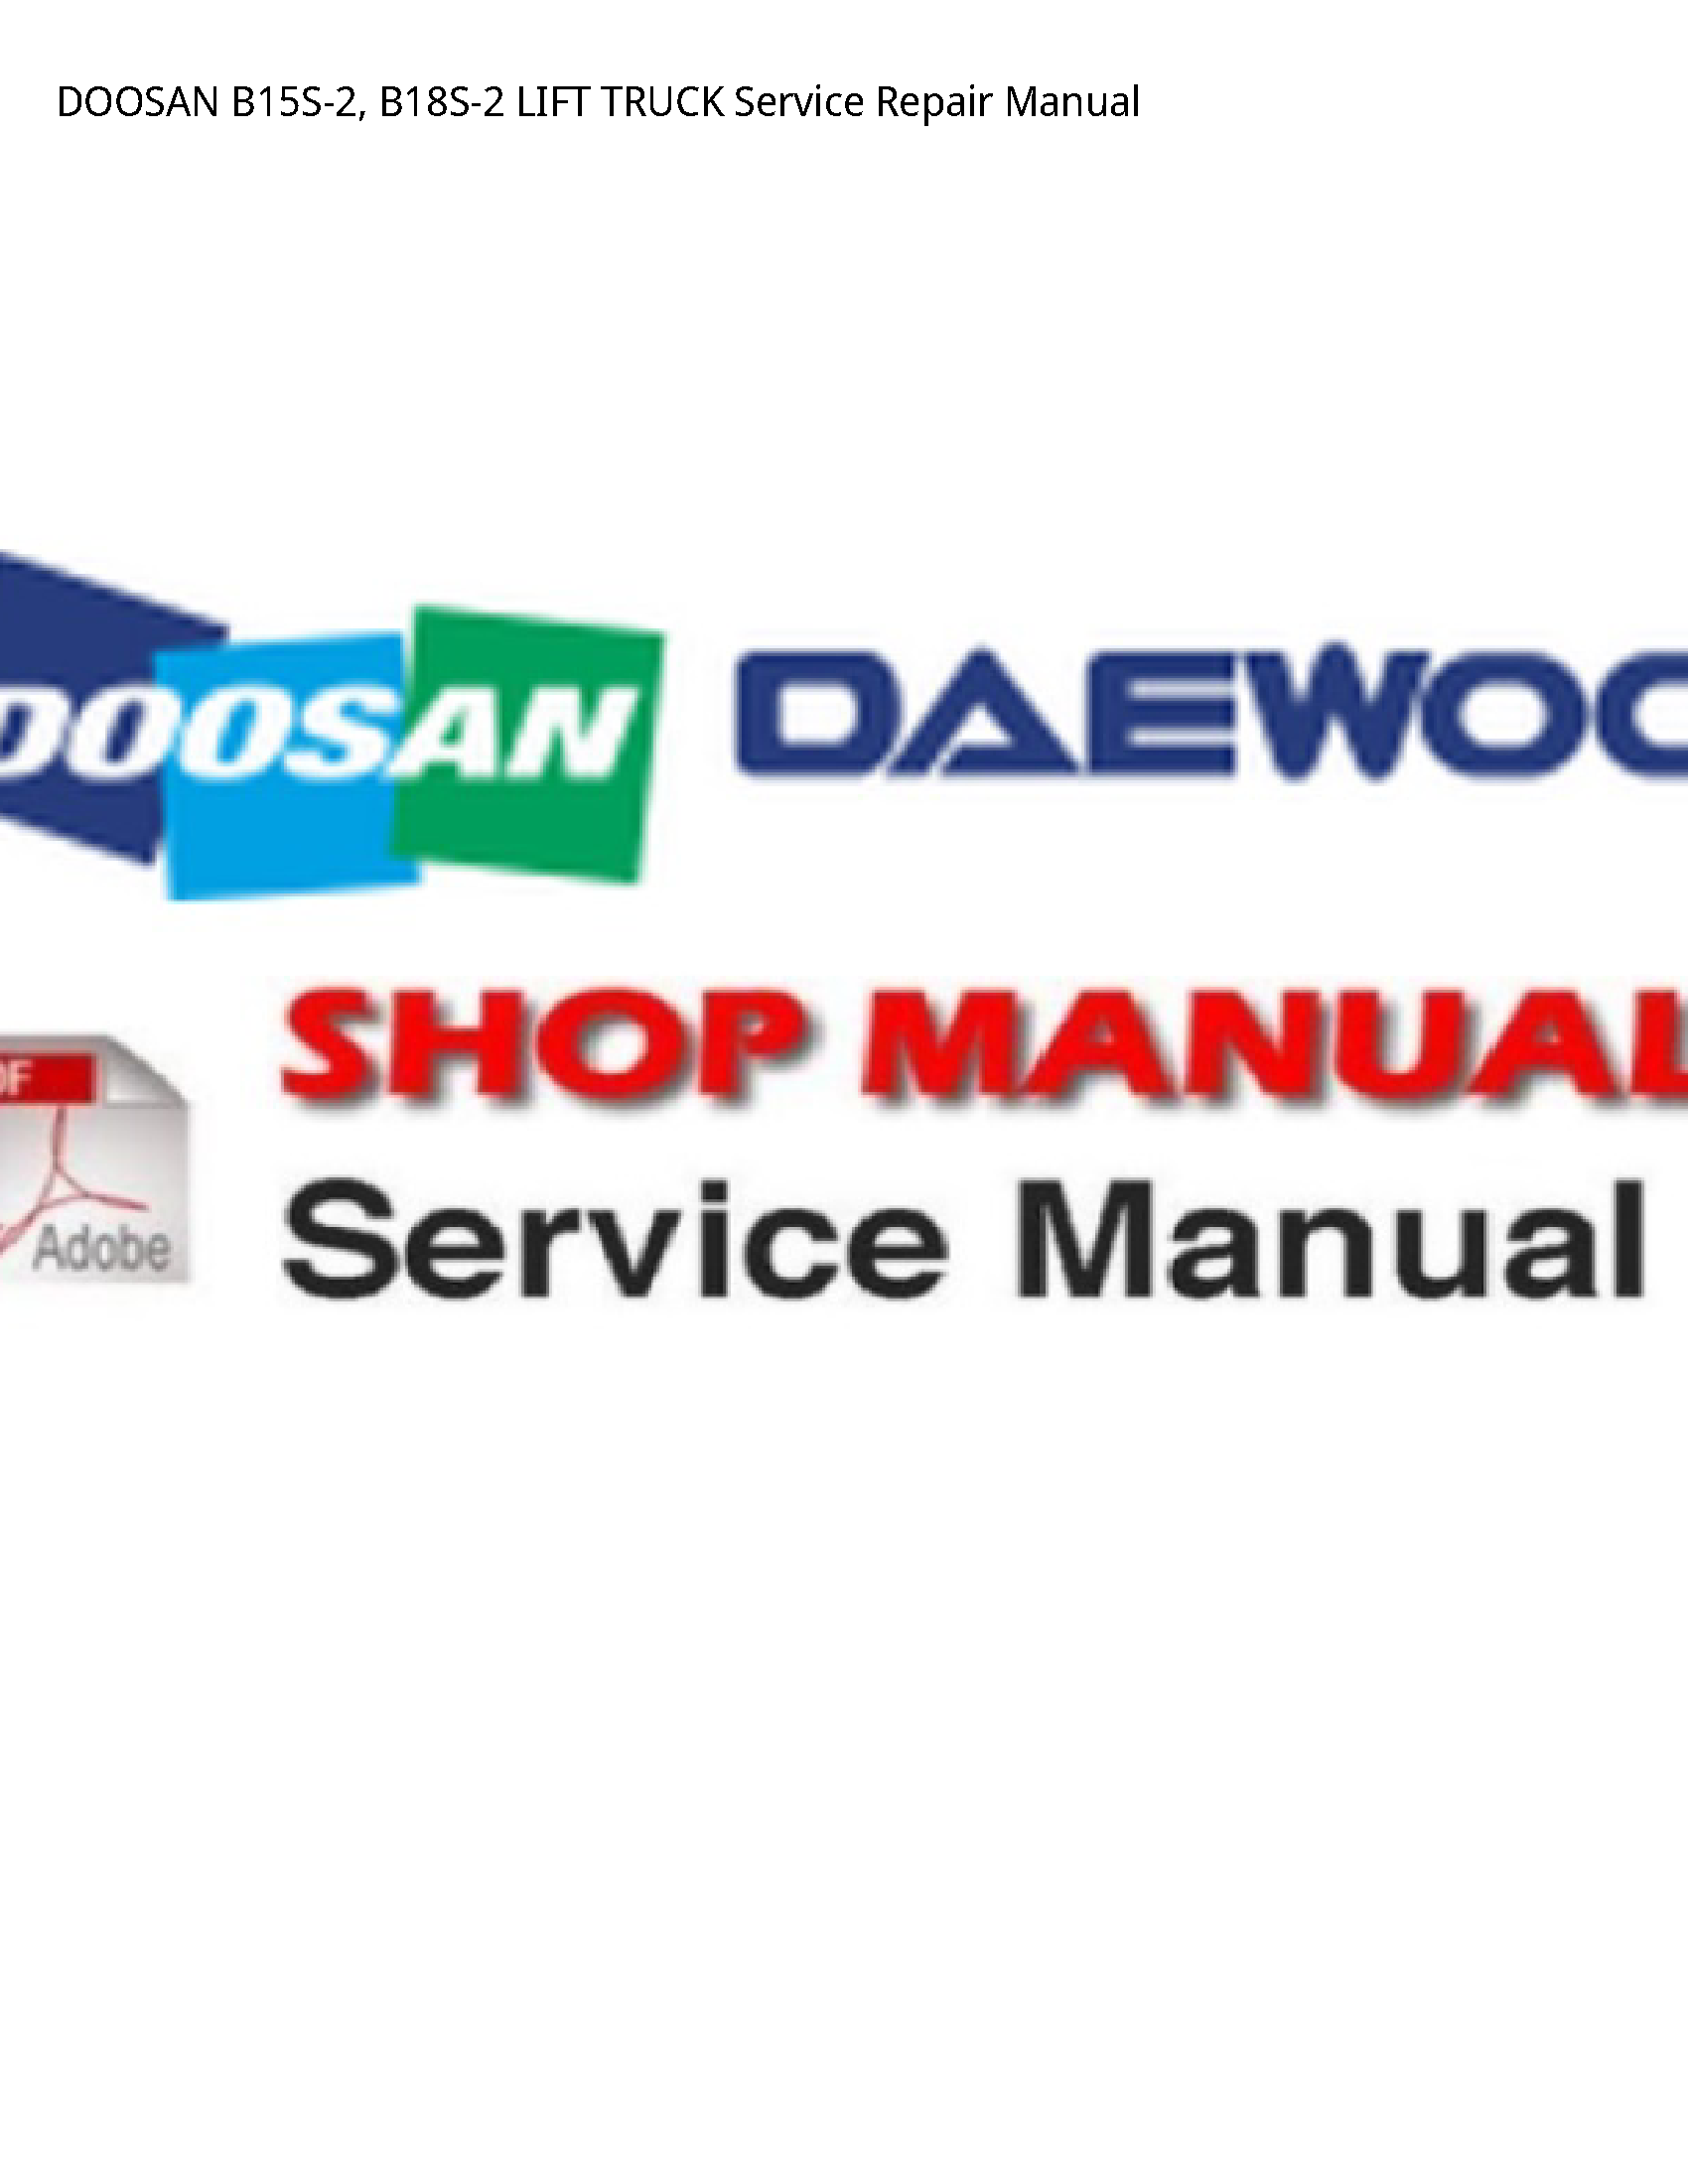 Doosan B15S-2 LIFT TRUCK manual